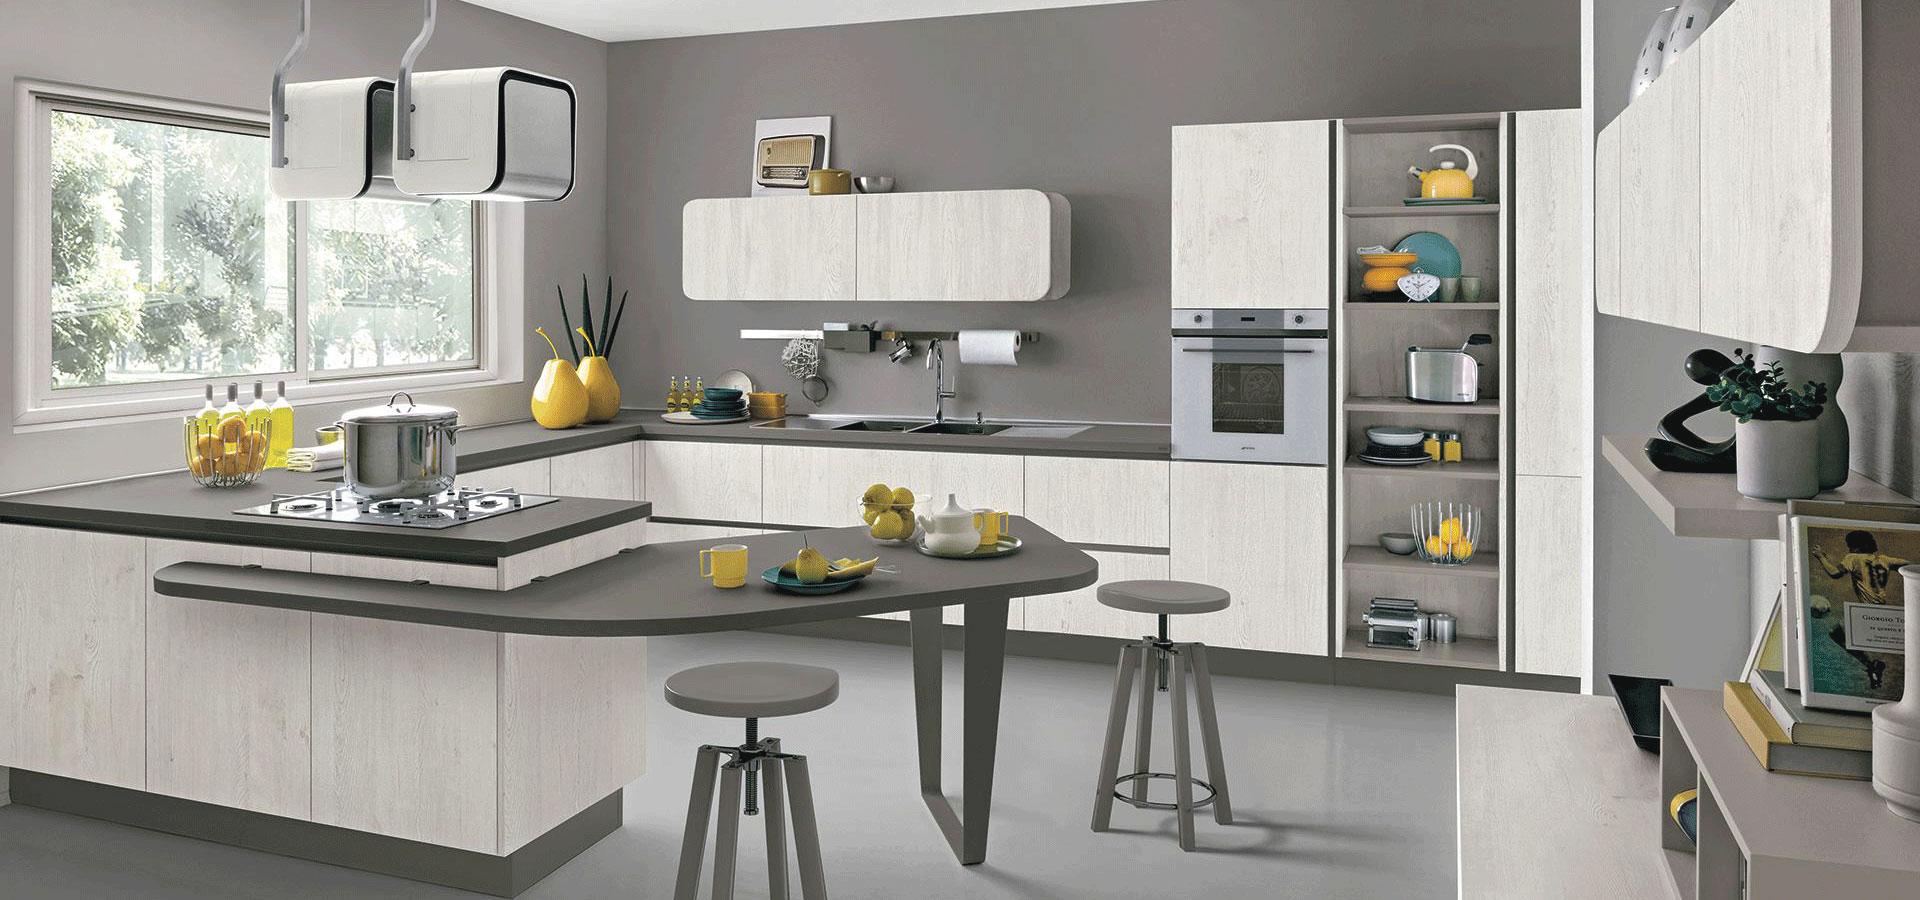 Cucine lube ravenna concept store cucine lube - Cucina immagina lube ...